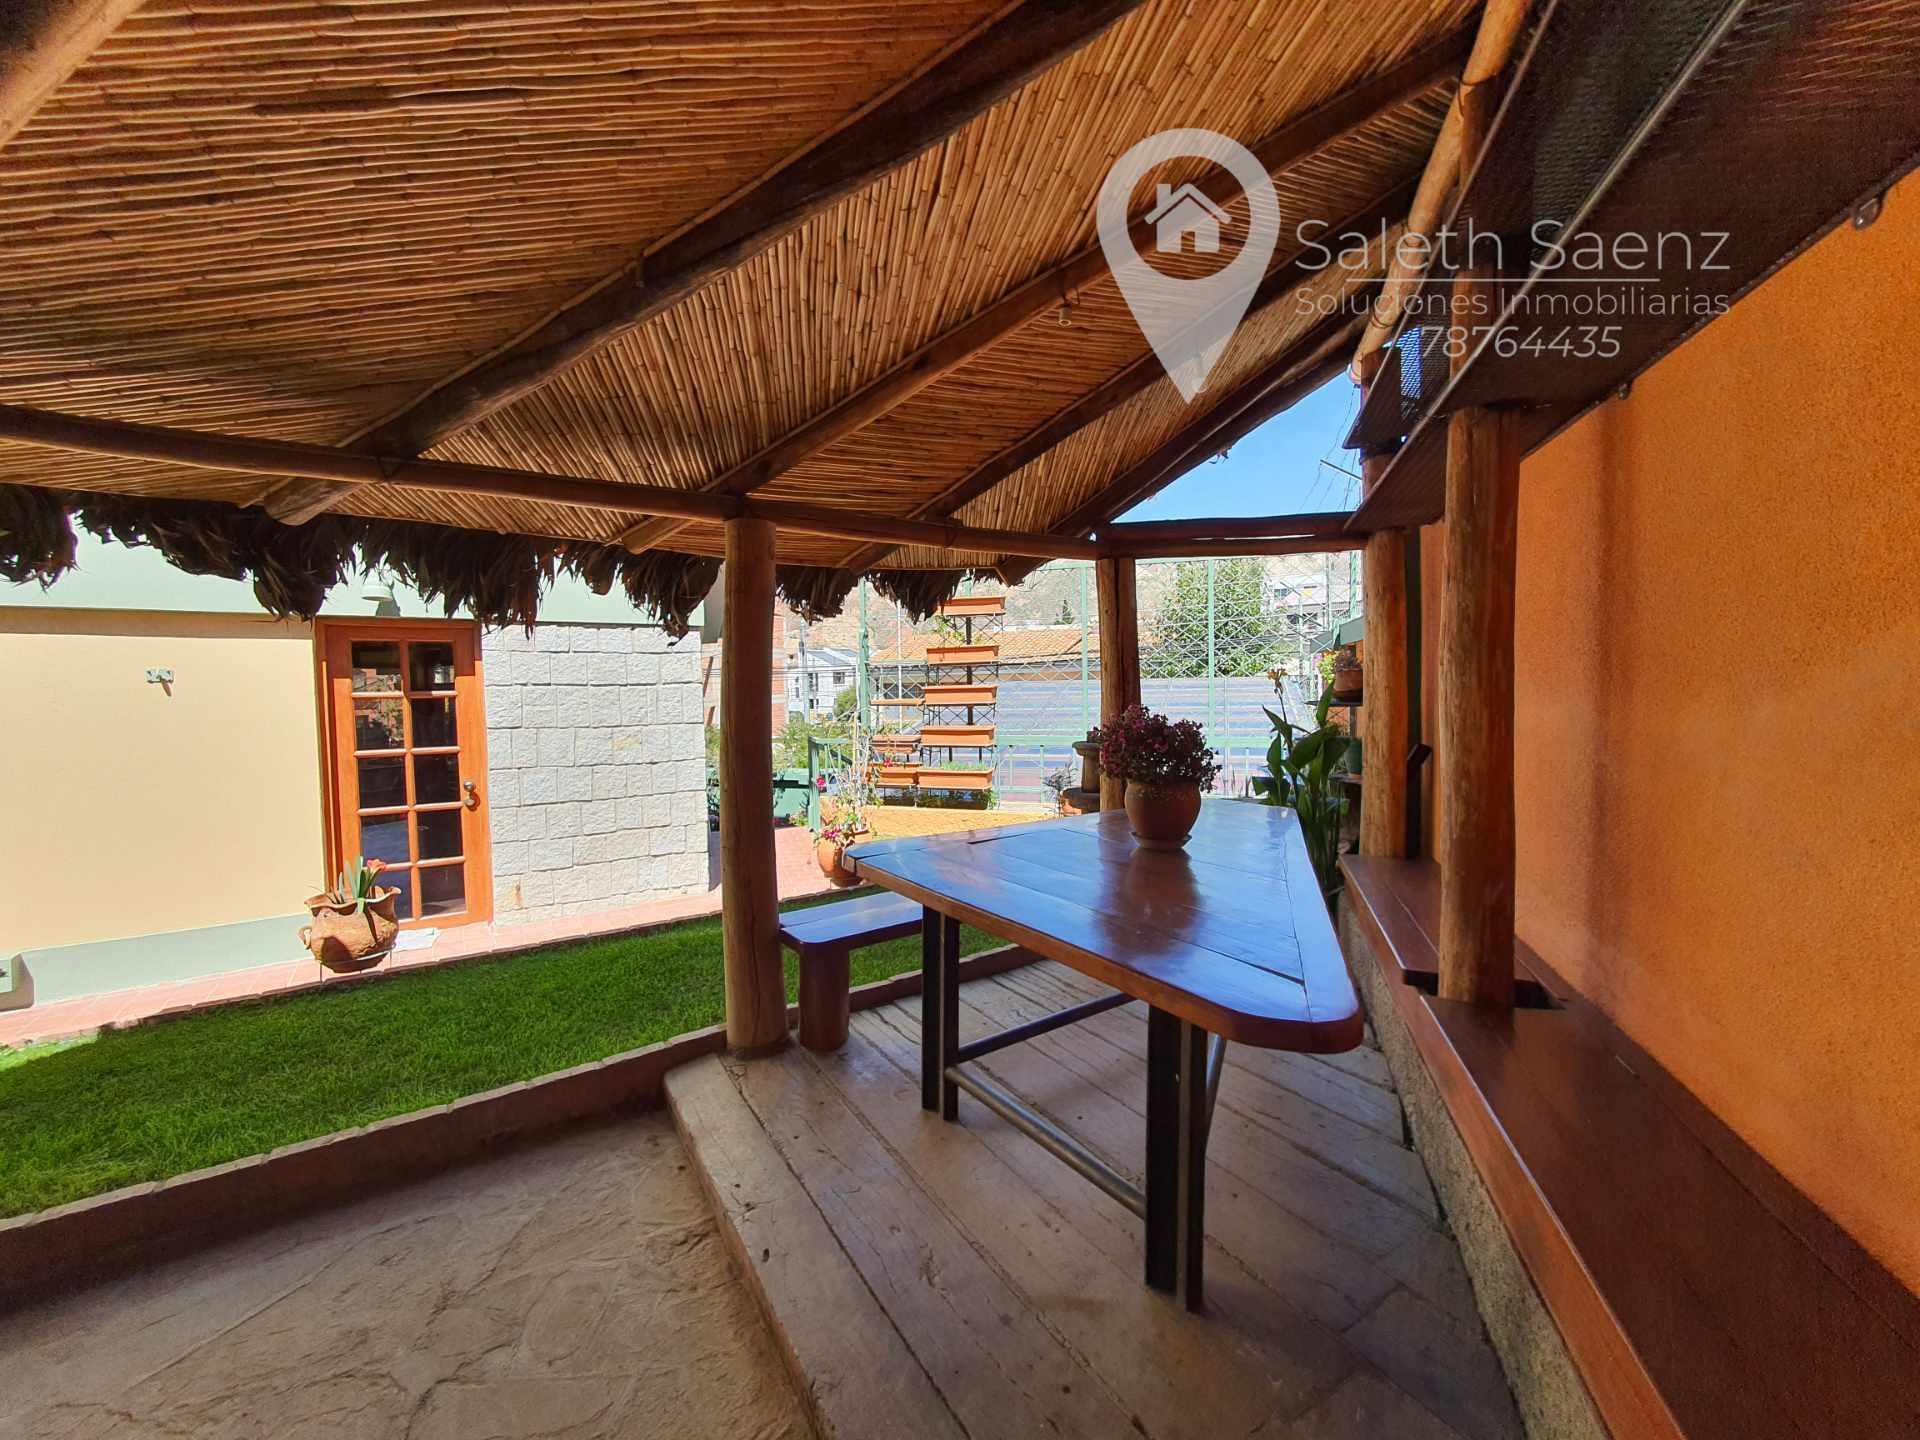 Casa en Venta Alto Seguencoma Foto 9